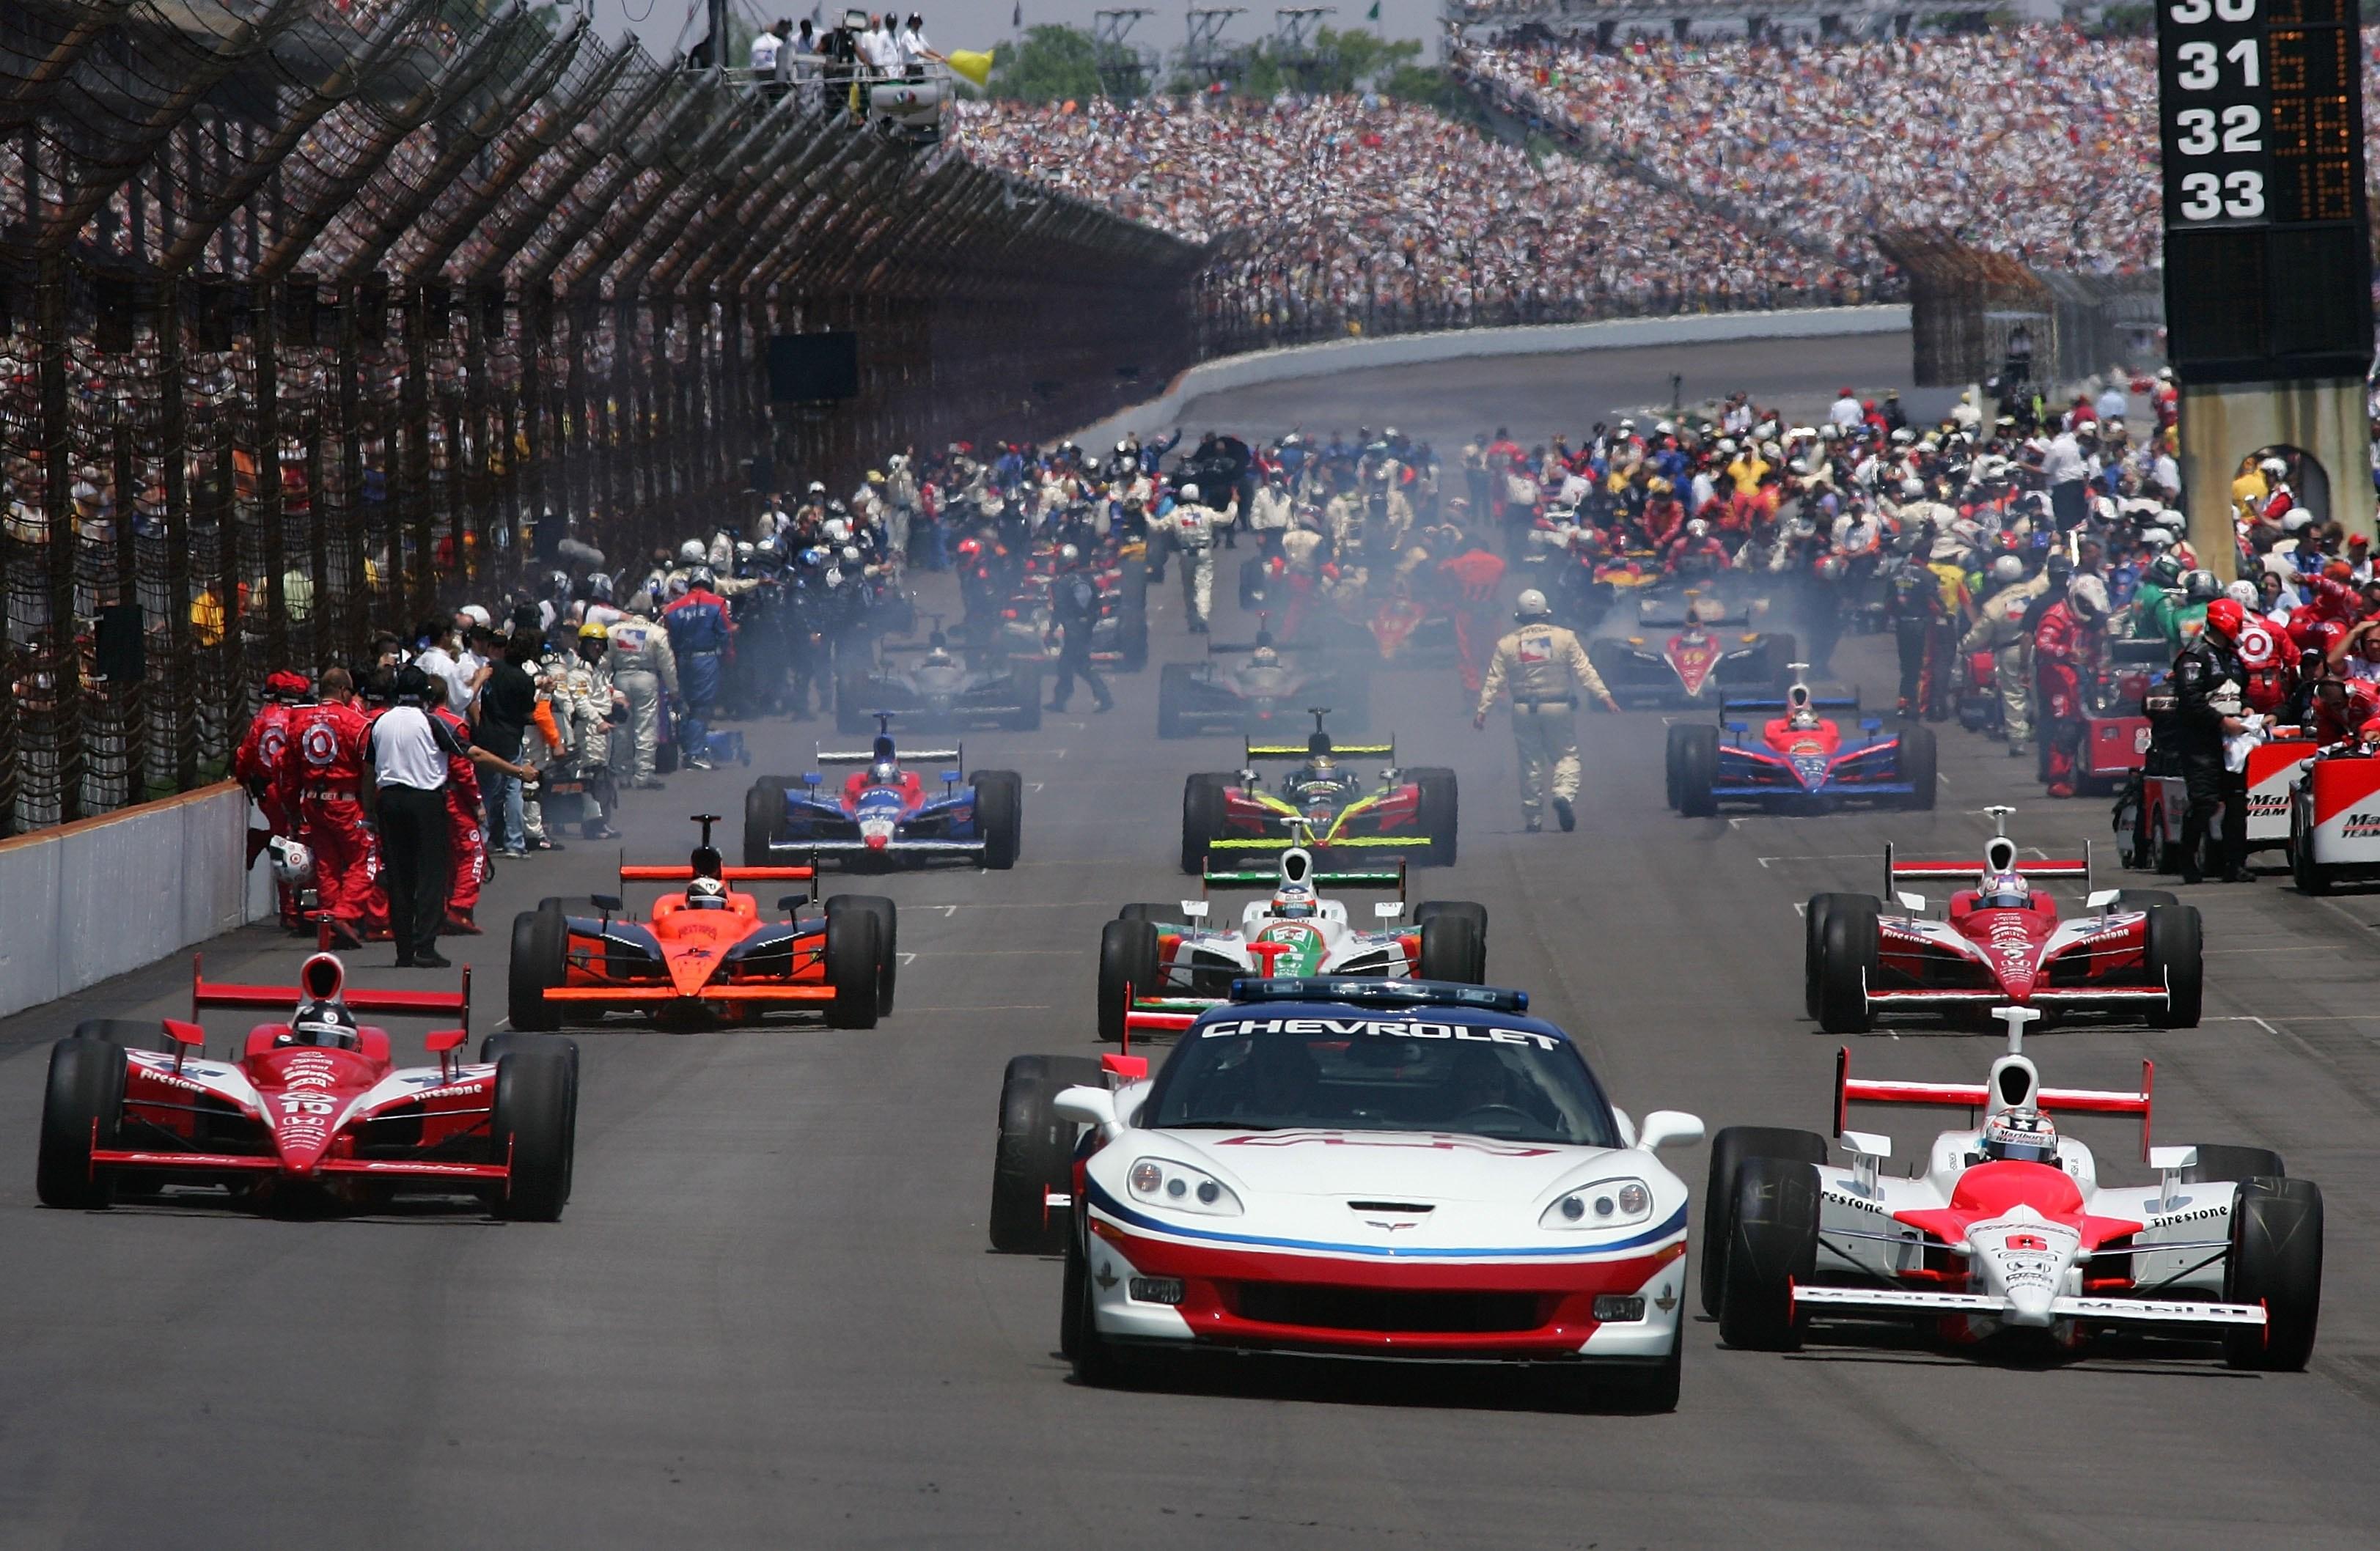 Tradicional corrida das 500 Milhas de Indianapolis é adiada